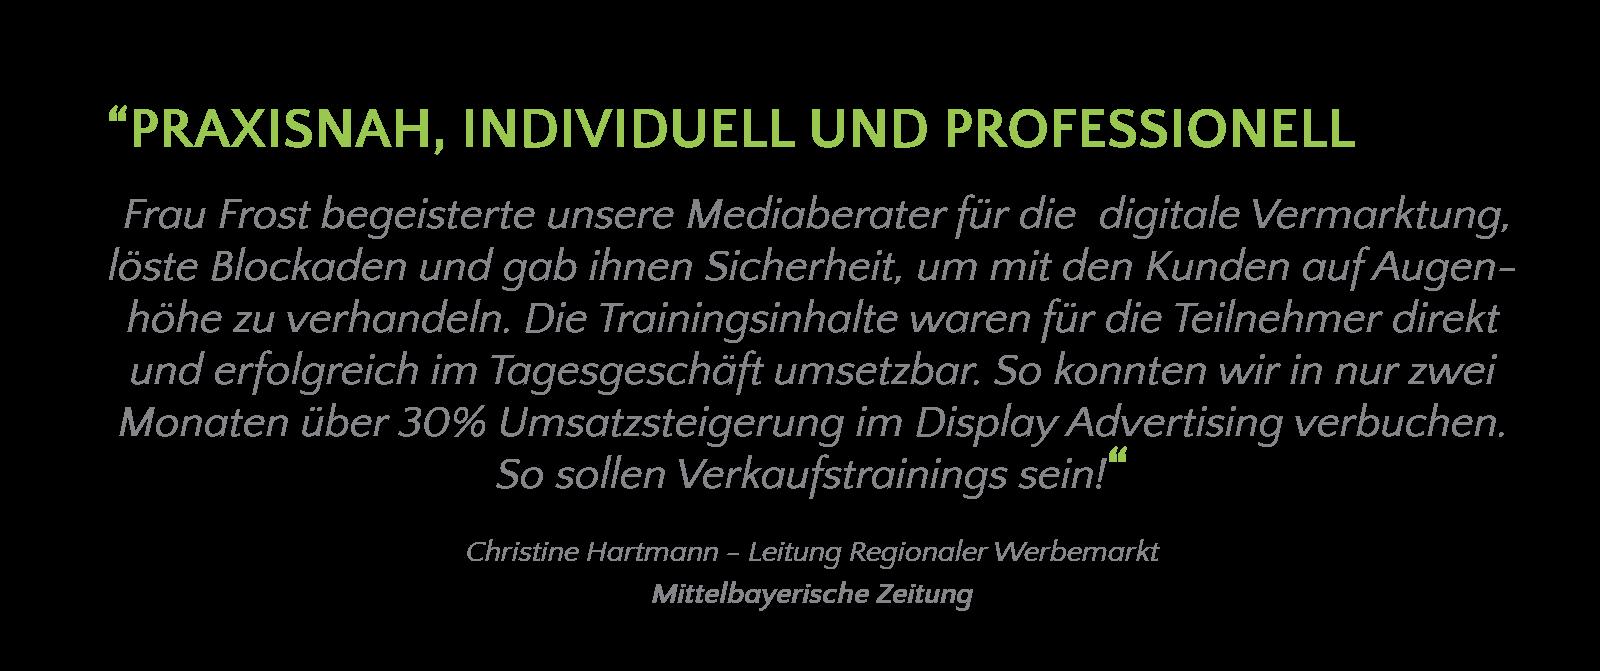 mittelbayerische-zeitung-1